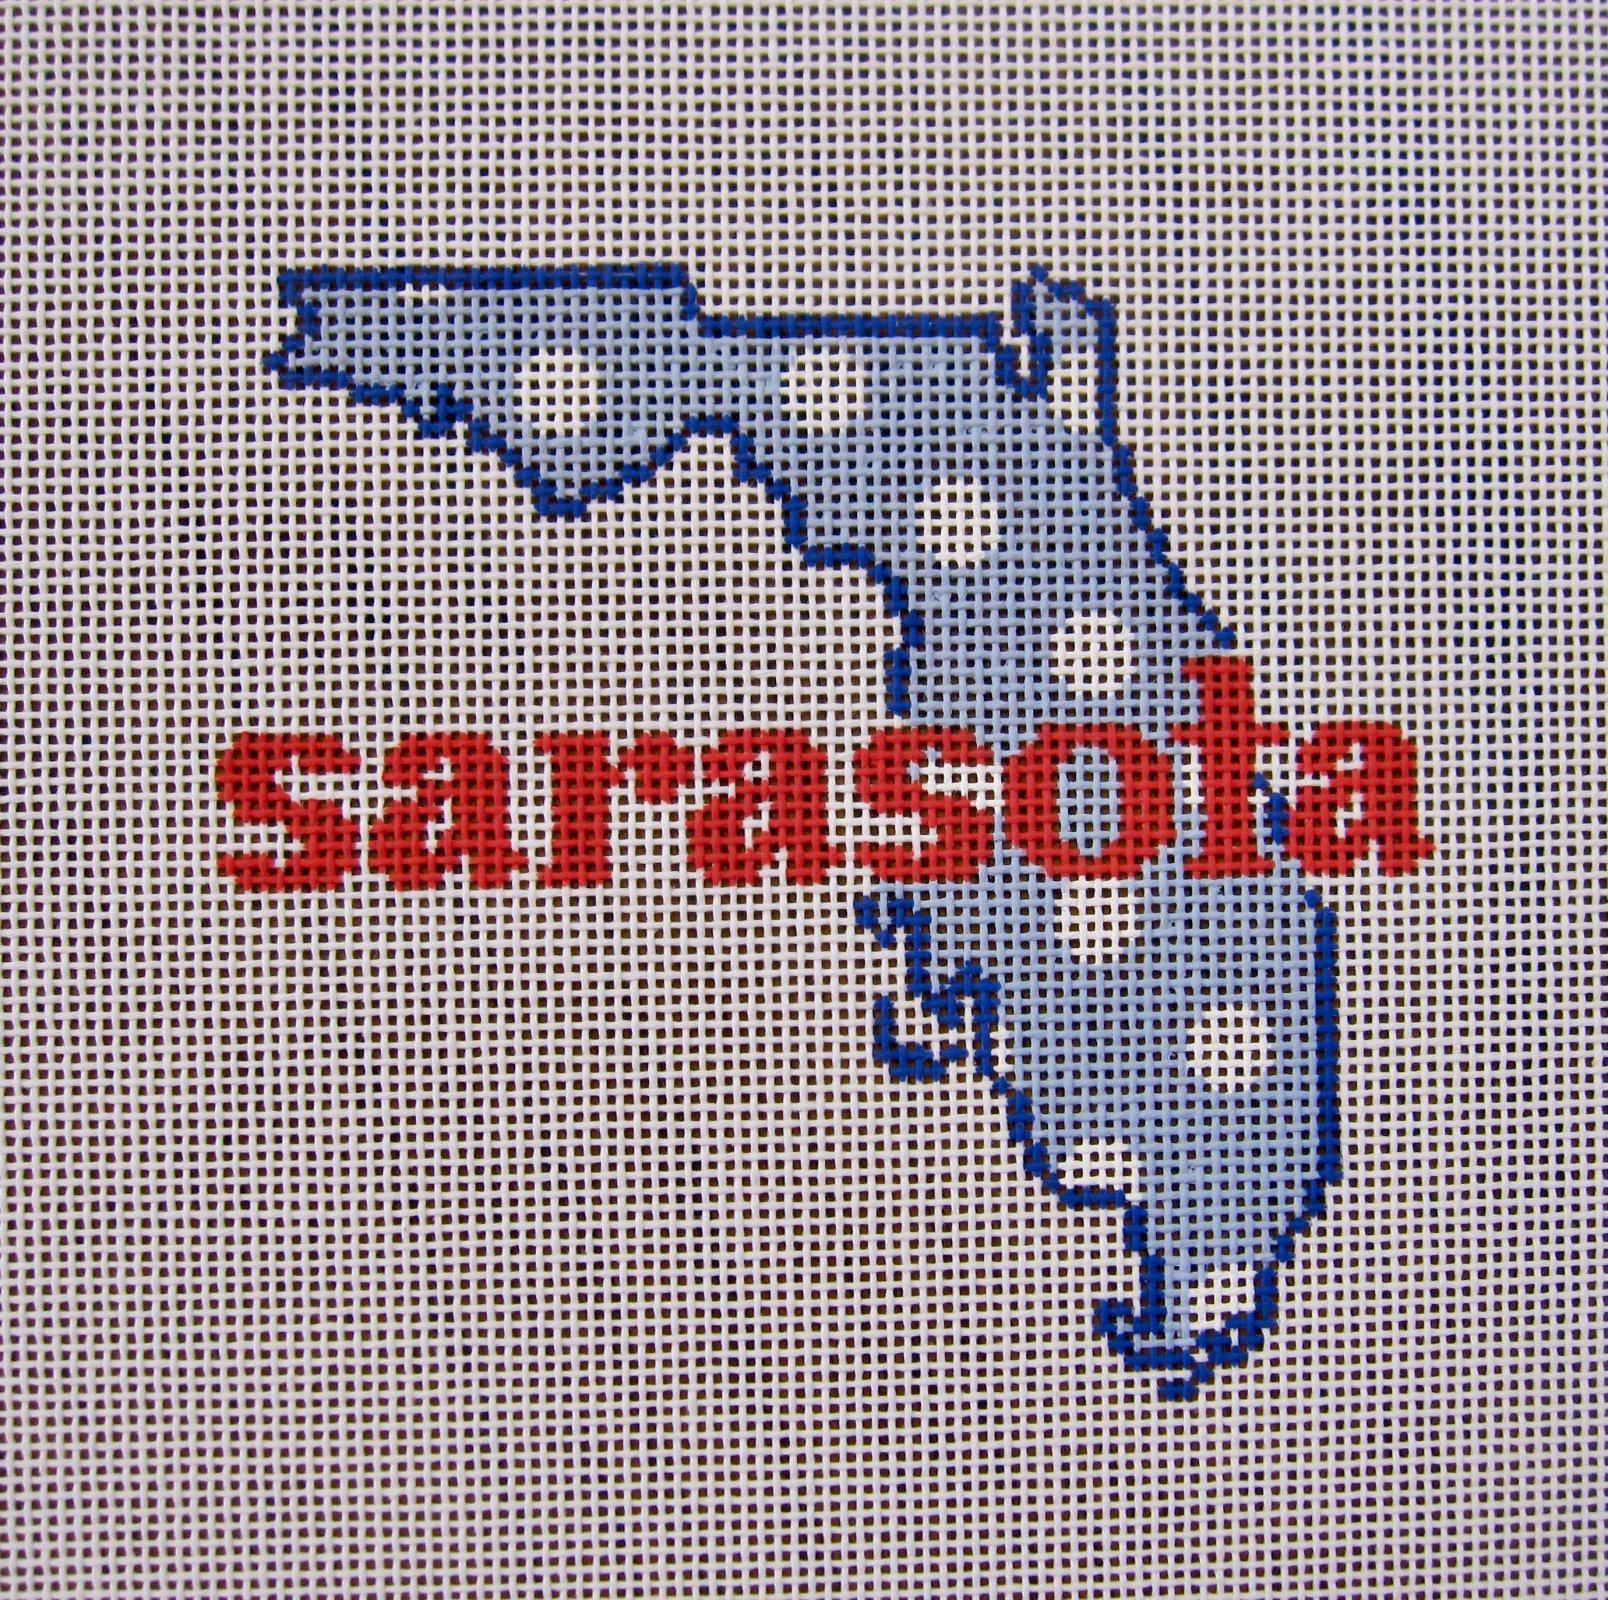 Sarasota FL State Shape